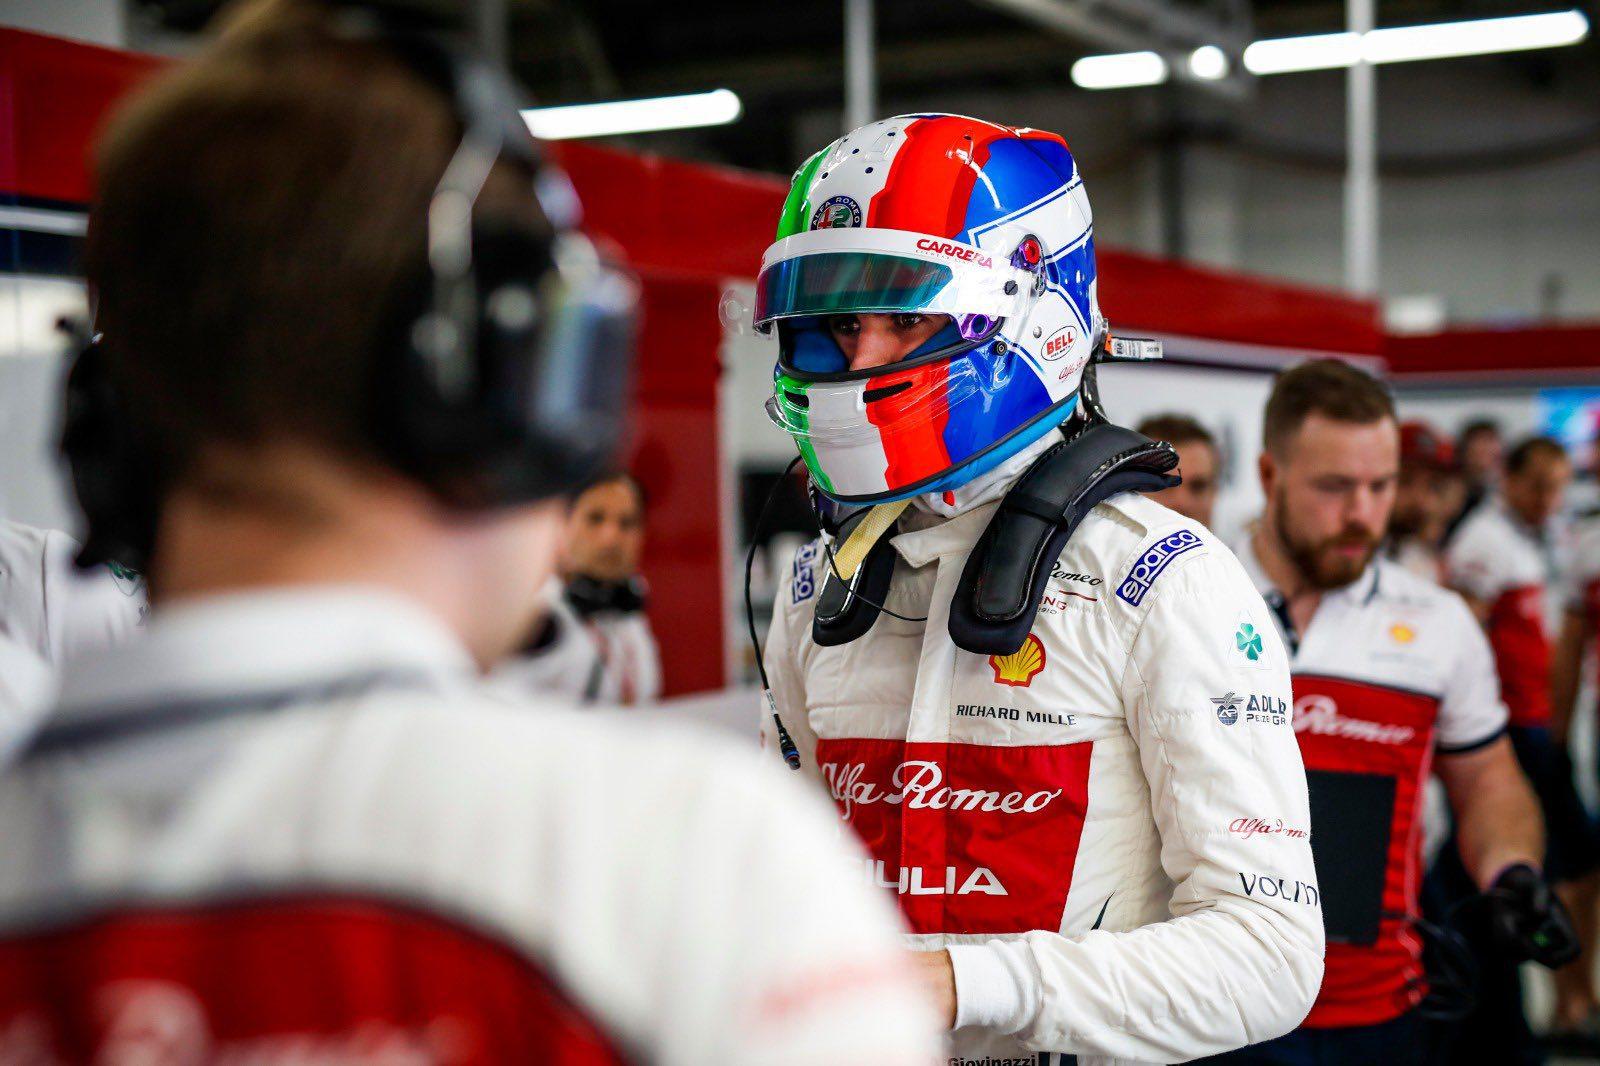 Alfa Romeo annoncera prochainement le nom du coéquipier de Raikkonen pour 2020 1